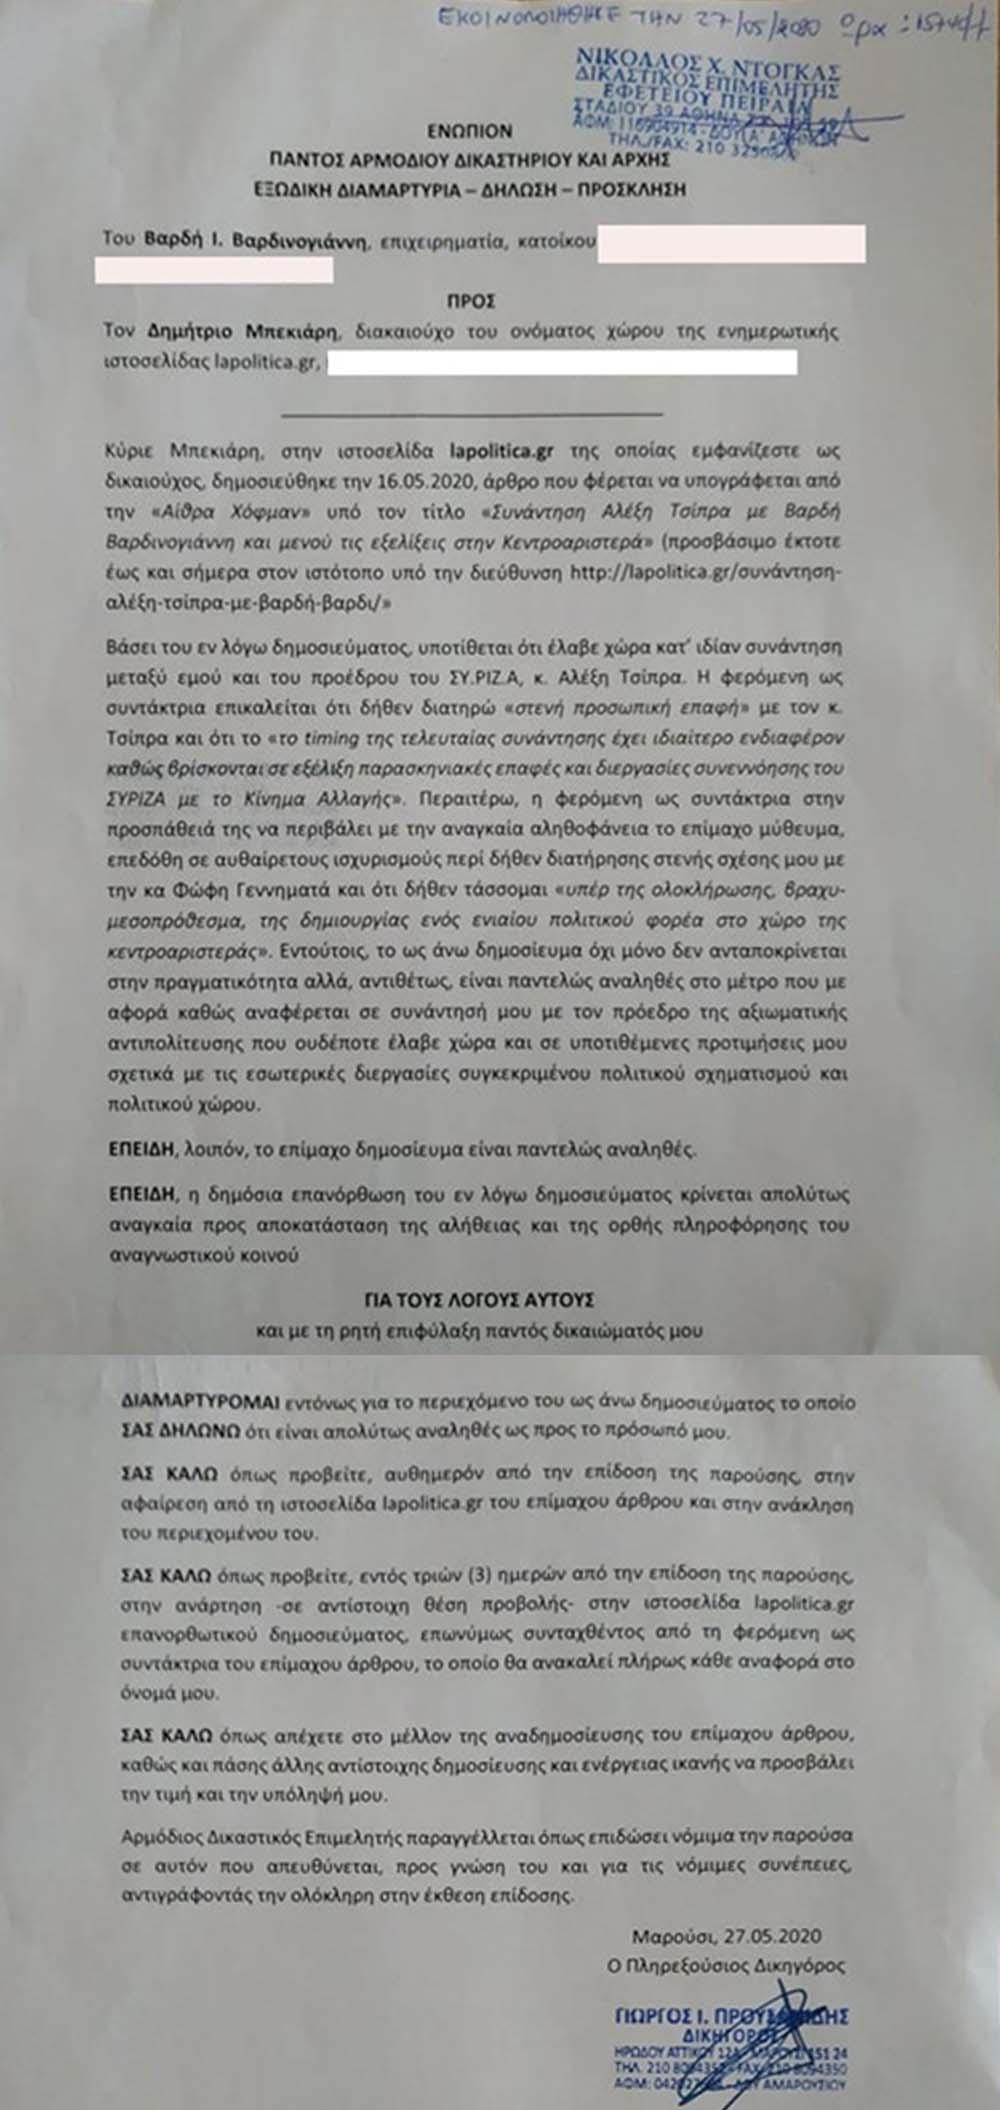 Εξώδικο- διάψευση του Βαρδή Βαρδινογιάννη για την δήθεν συνάντησή του με τον Αλέξη Τσίπρα